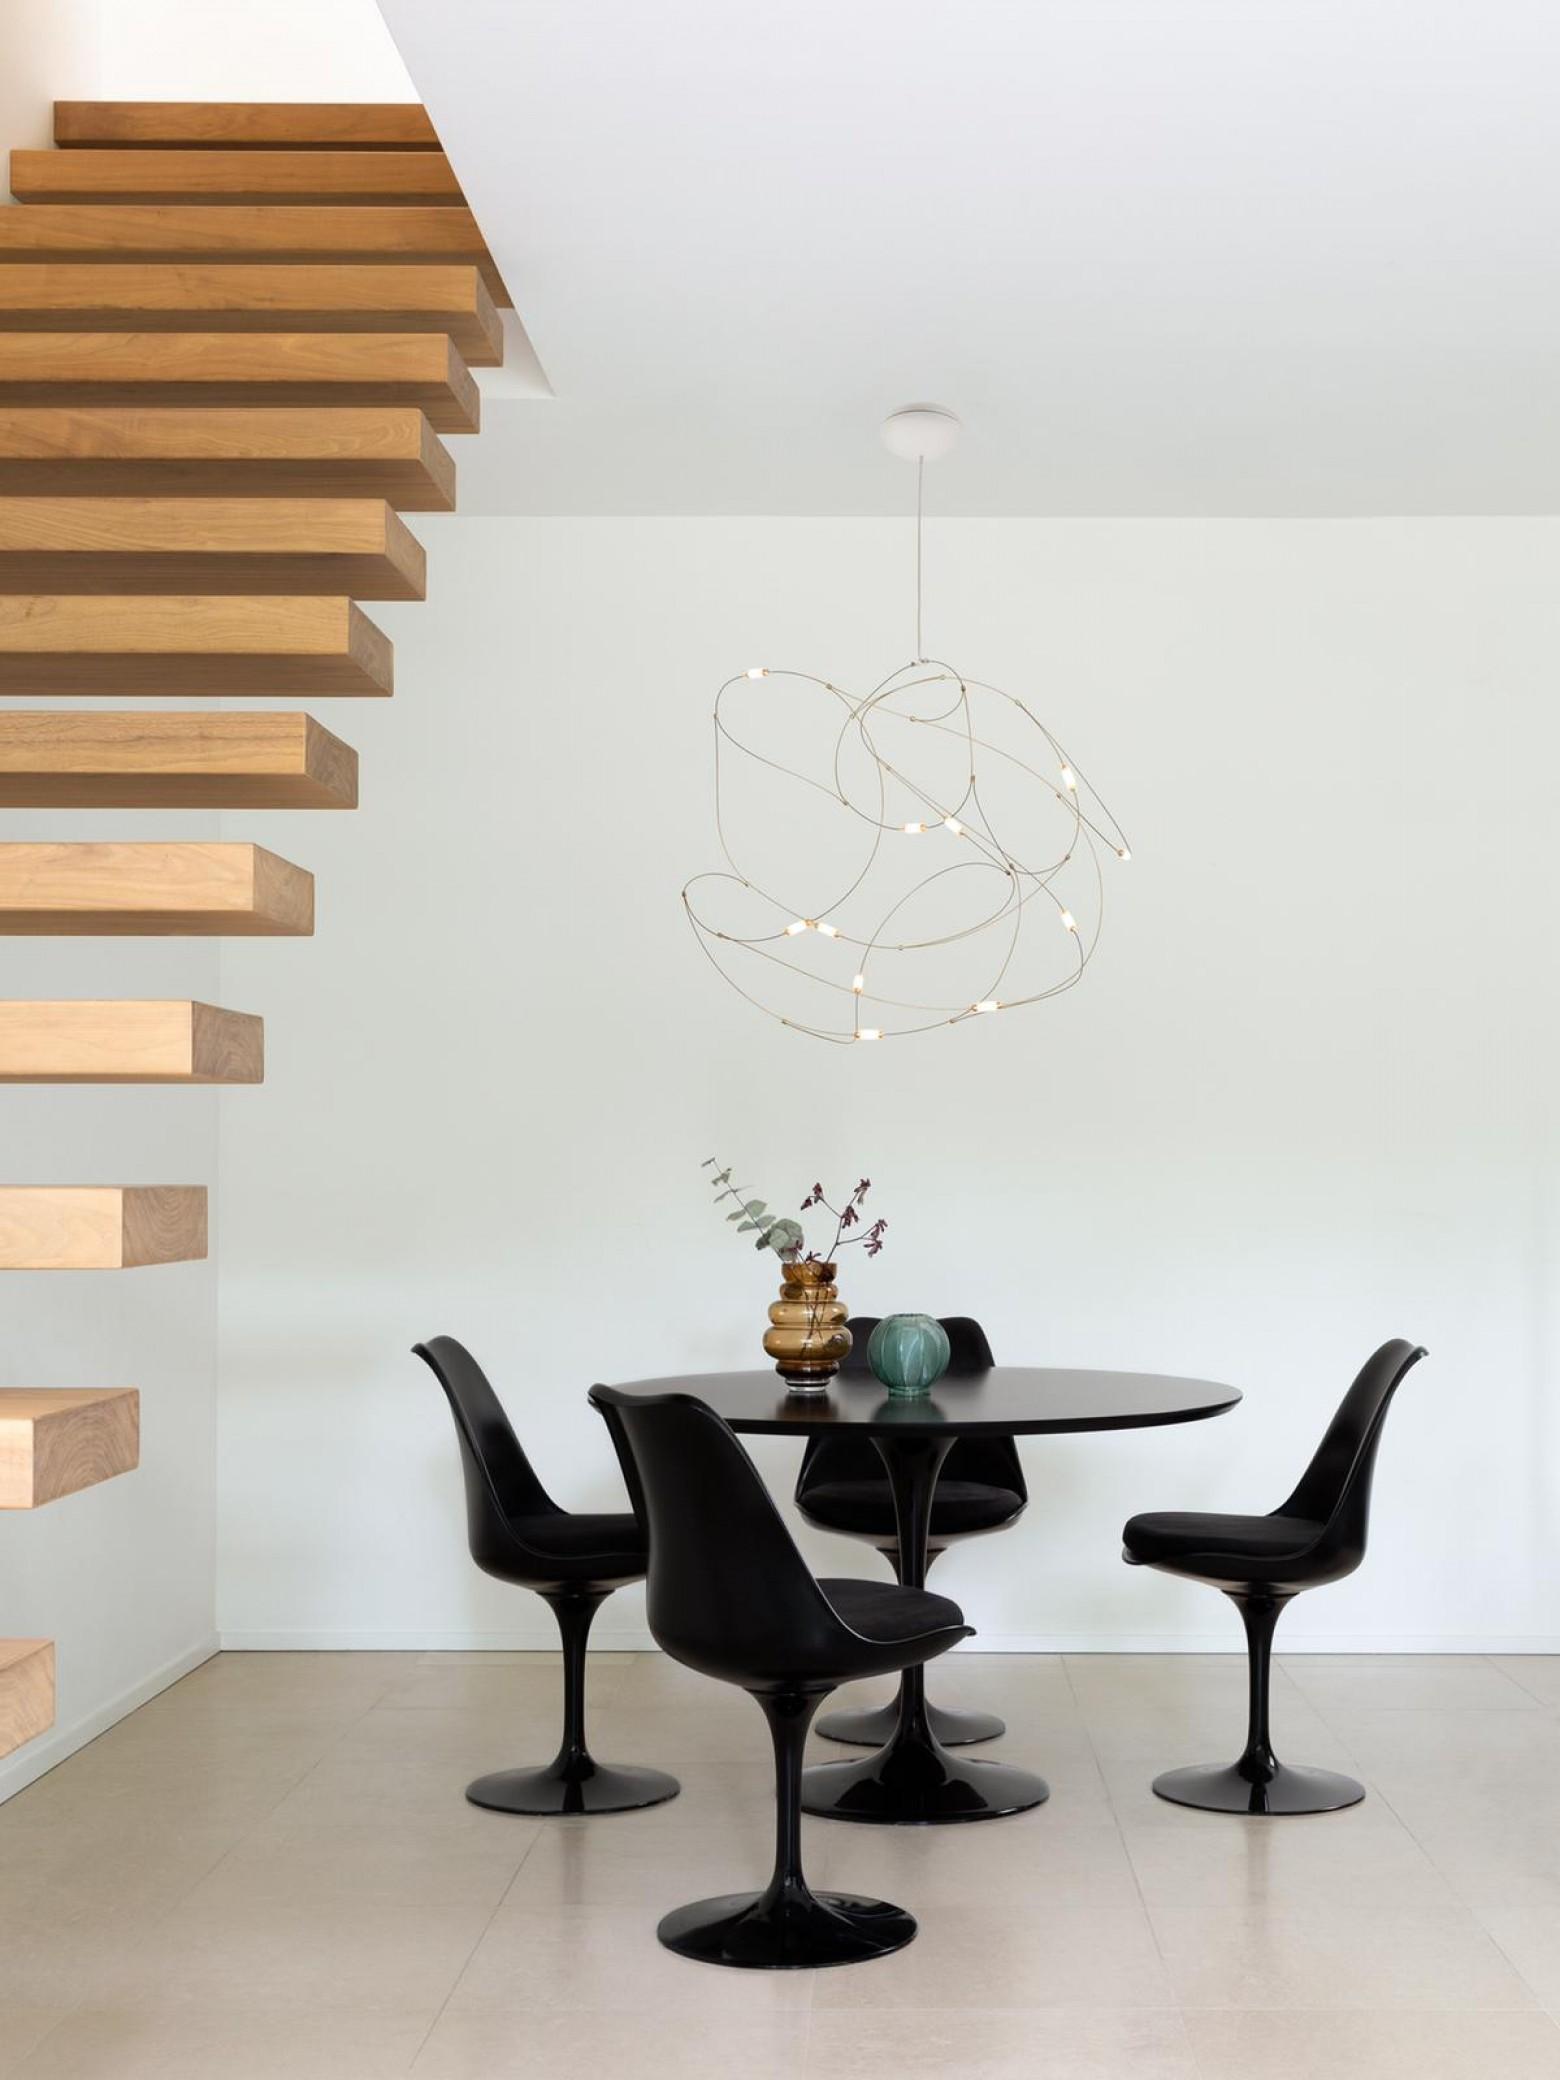 Sculpturale verlichtingsarmatuur Flock of Light: NIEUW in de MOOOI collectie  Victors Design Agency